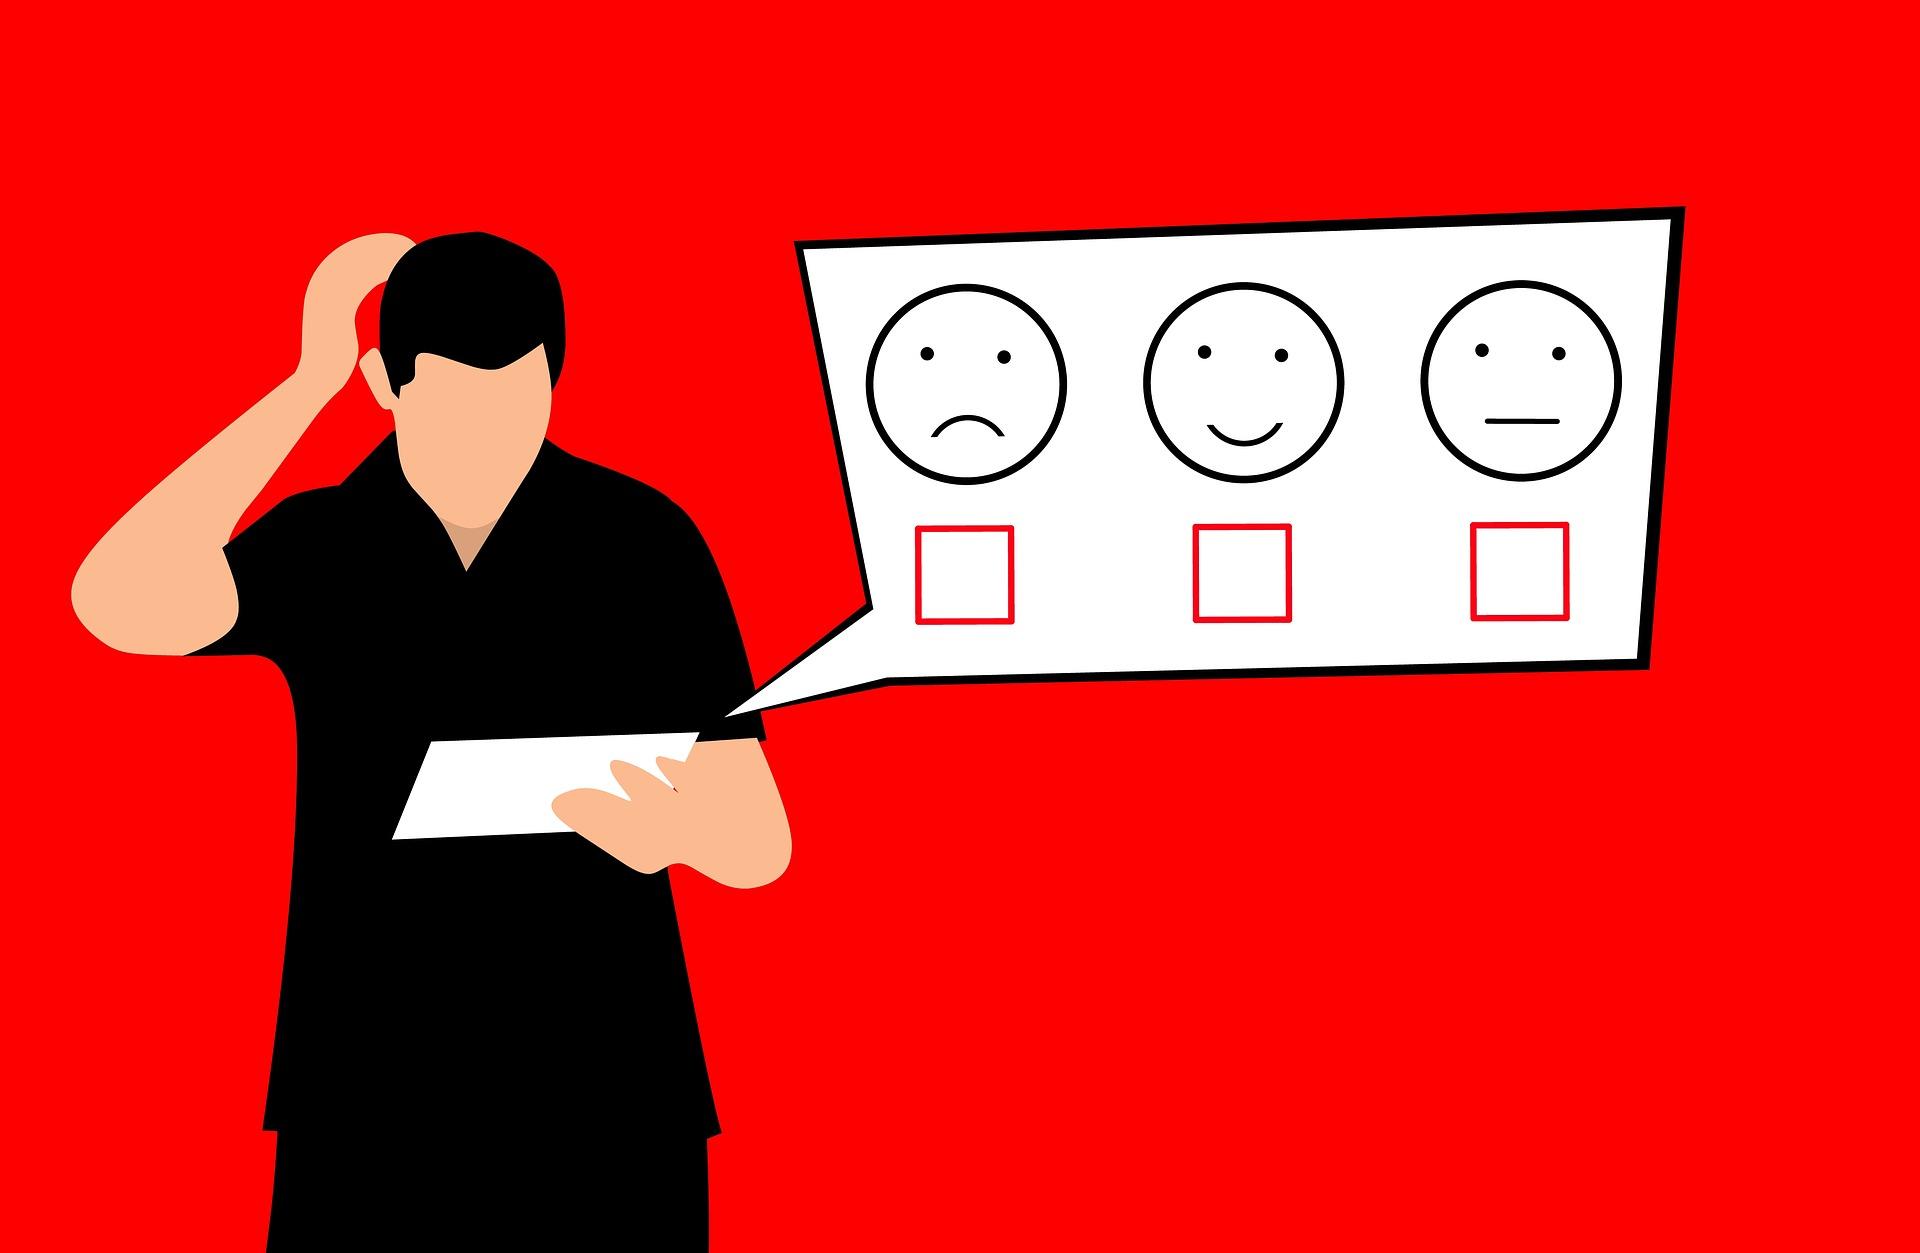 Onekitty KR Reviews - is it a Trustworthy Online Store?